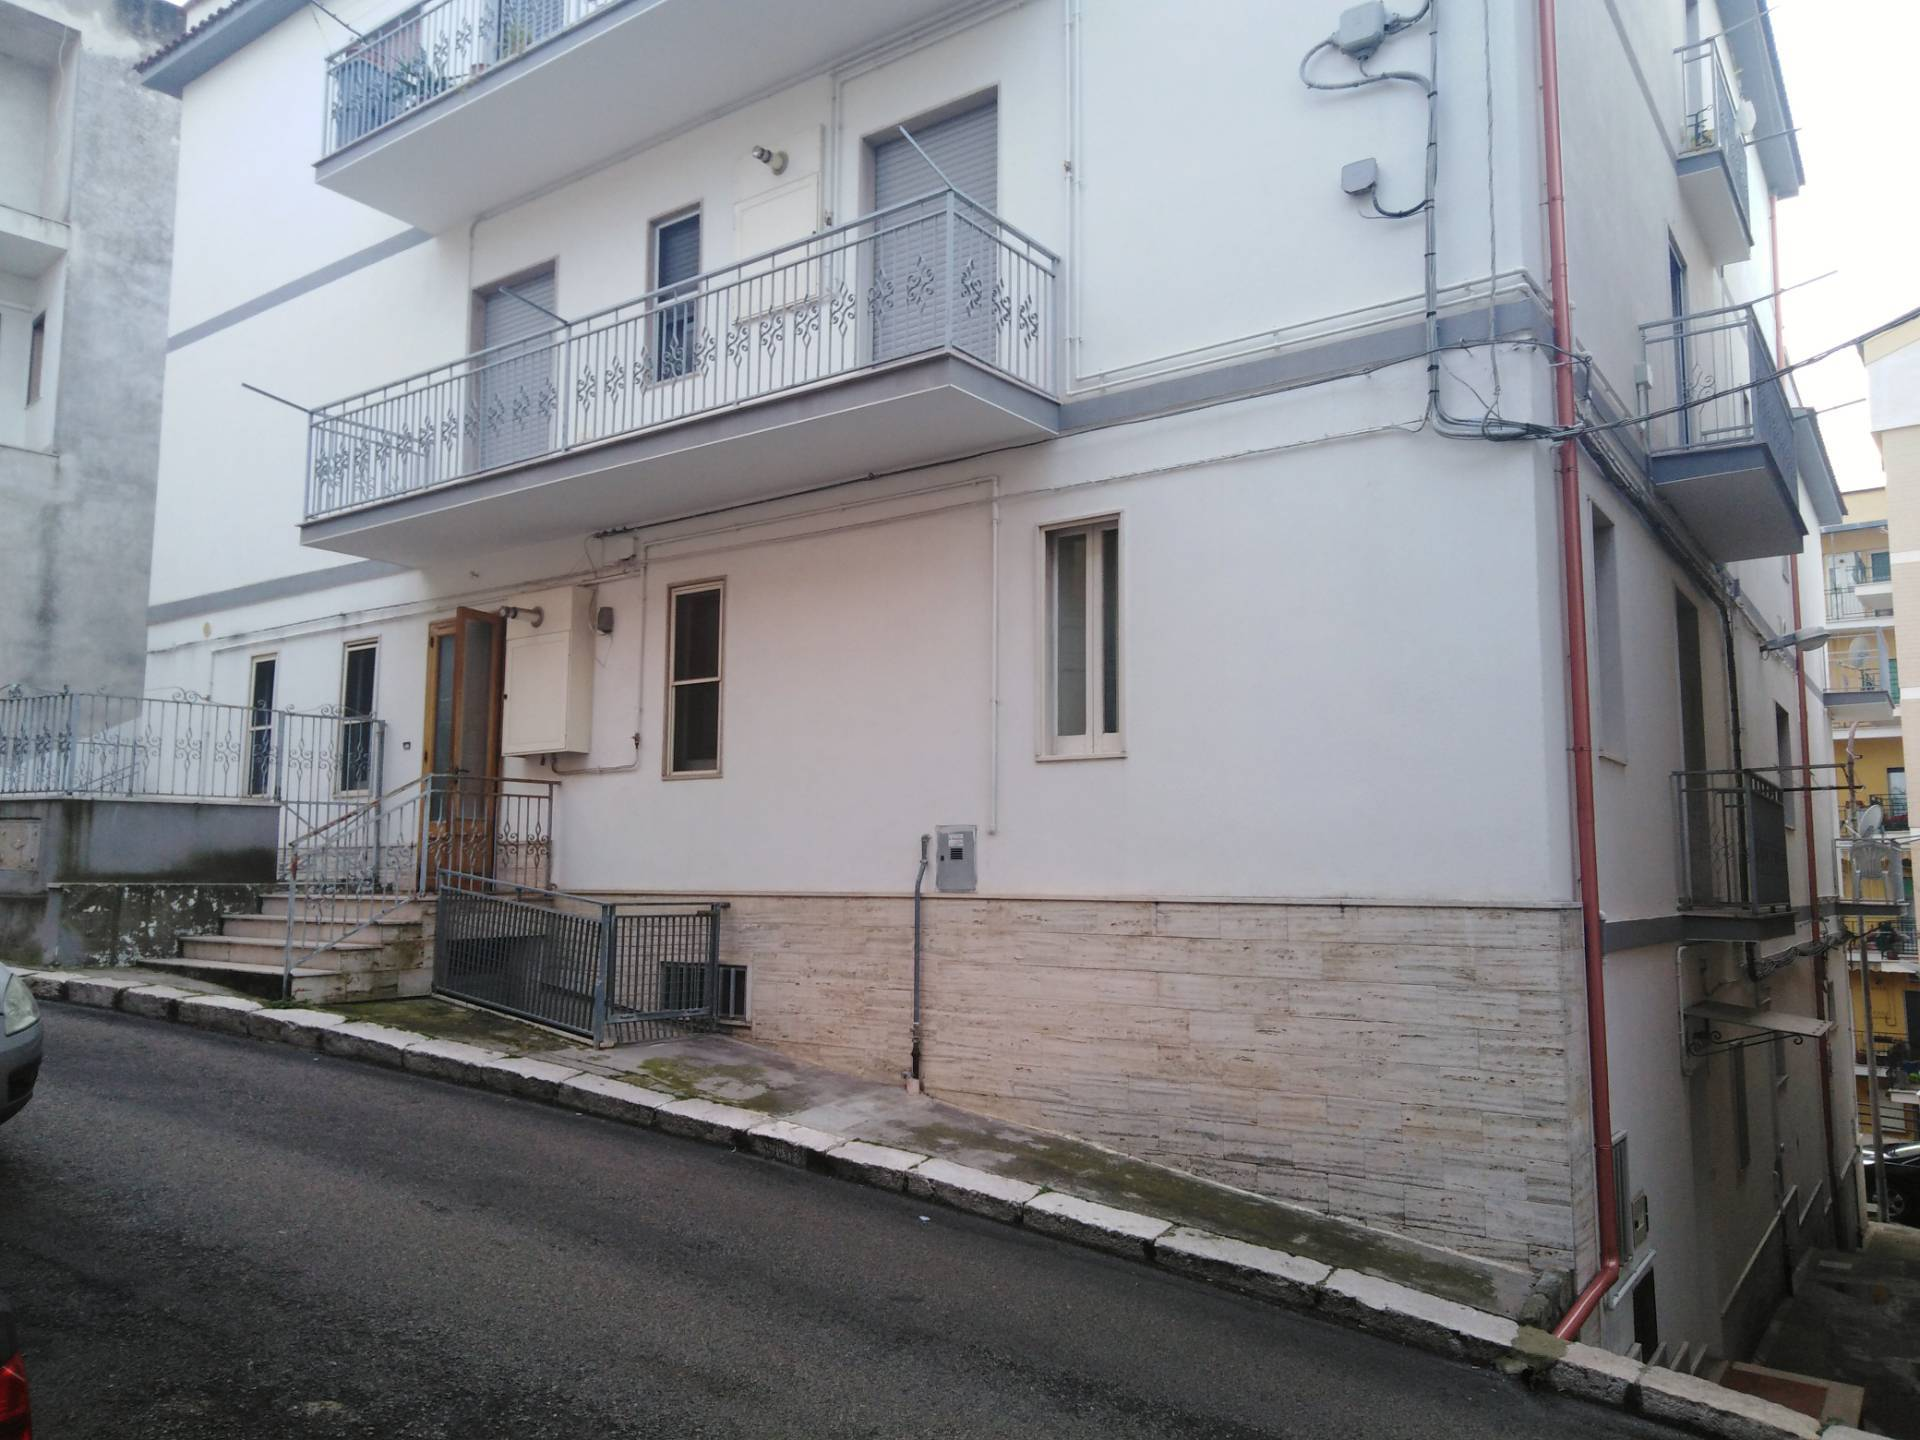 Appartamento in vendita a Ischitella, 7 locali, zona Località: ViaperRodieGrottadellaMadonna, prezzo € 75.000 | PortaleAgenzieImmobiliari.it